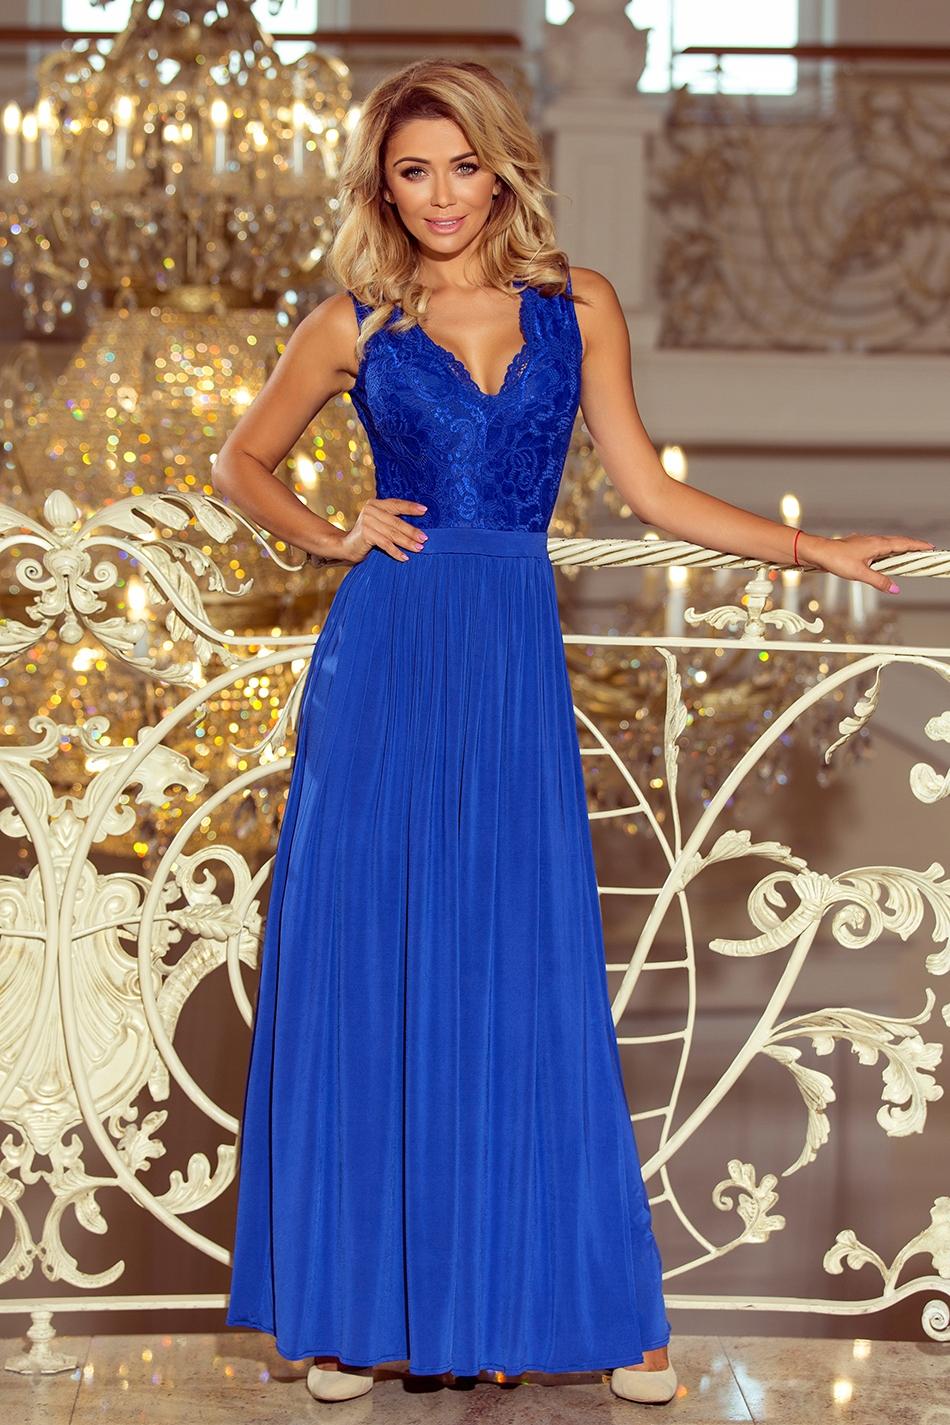 95cdb513f4 Długa suknia balowa MAXI wesele studniówka R. L - 7624015791 ...